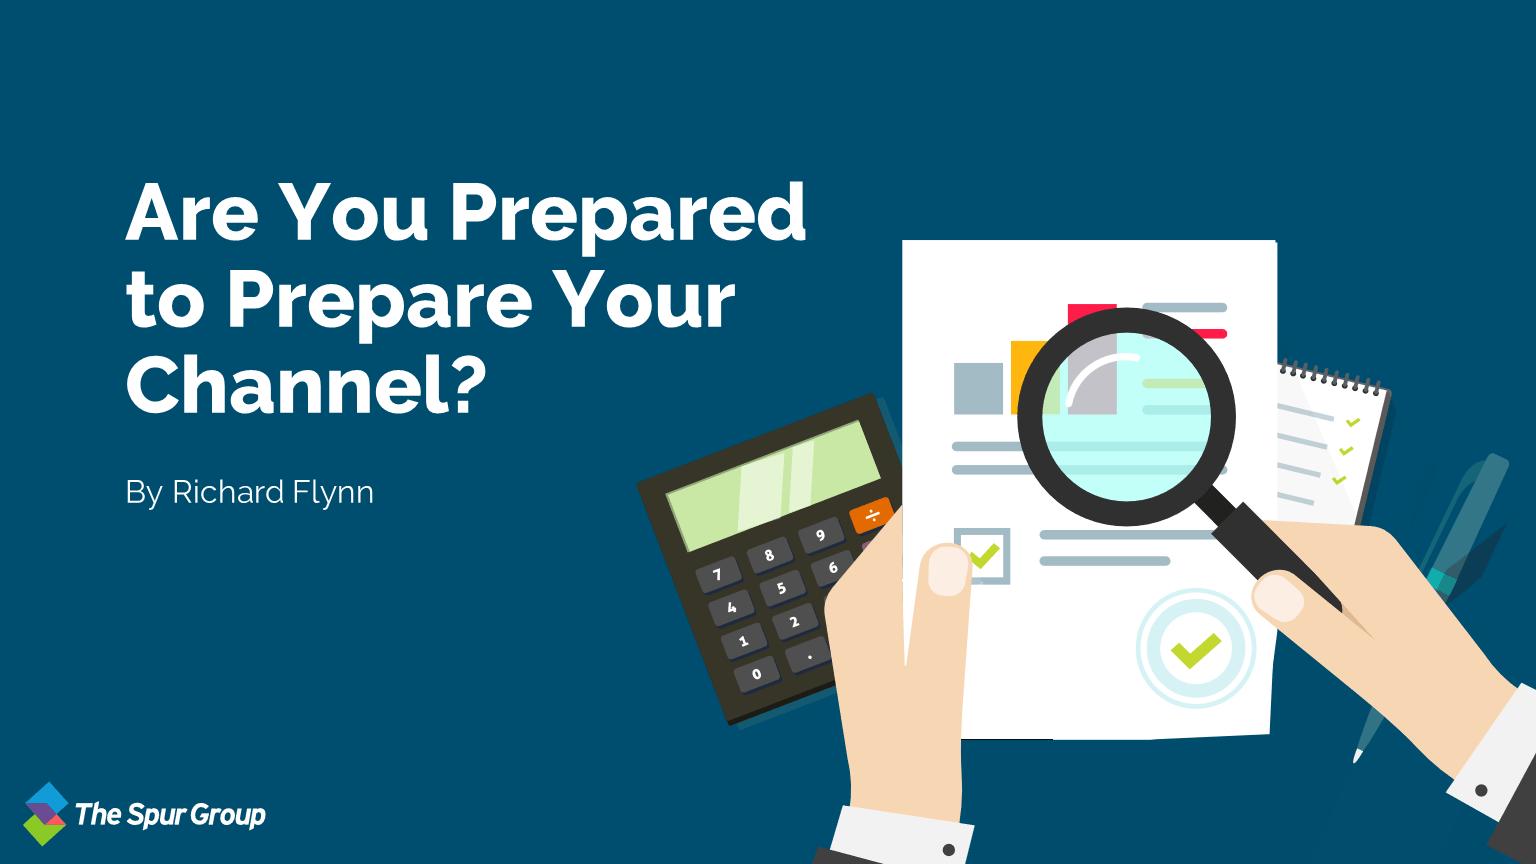 Are you prepared to prepare your channel?